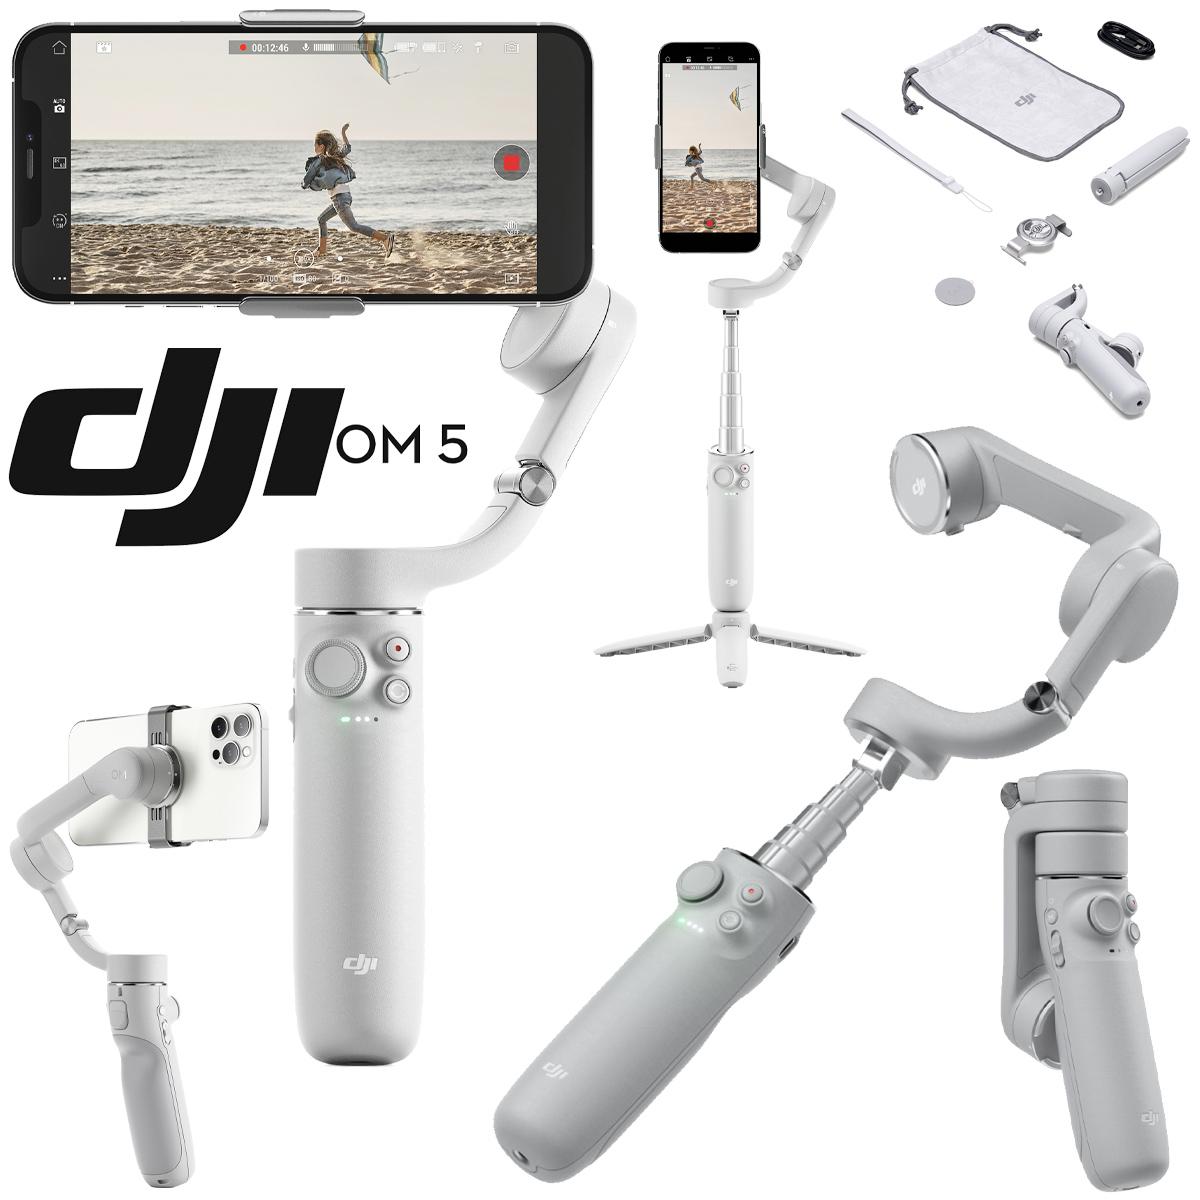 Gimbal DJI Osmo Mobile 5